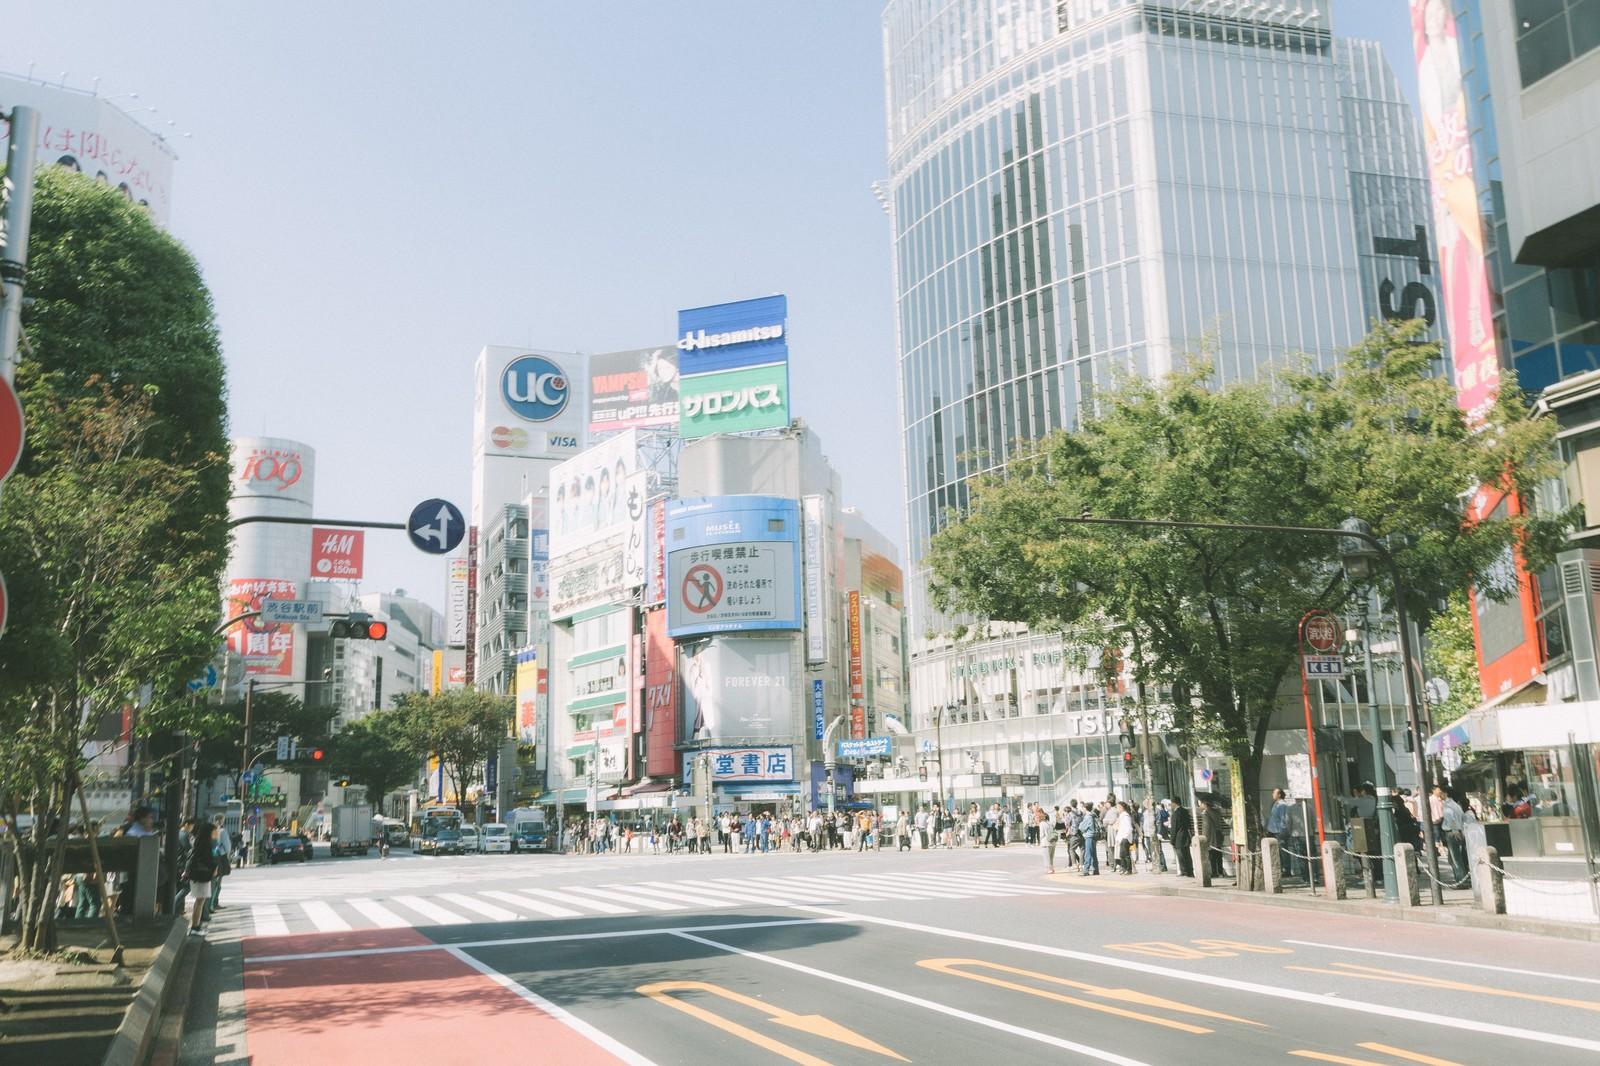 親知らずが痛い!渋谷駅近くにある歯医者5院のおすすめポイント